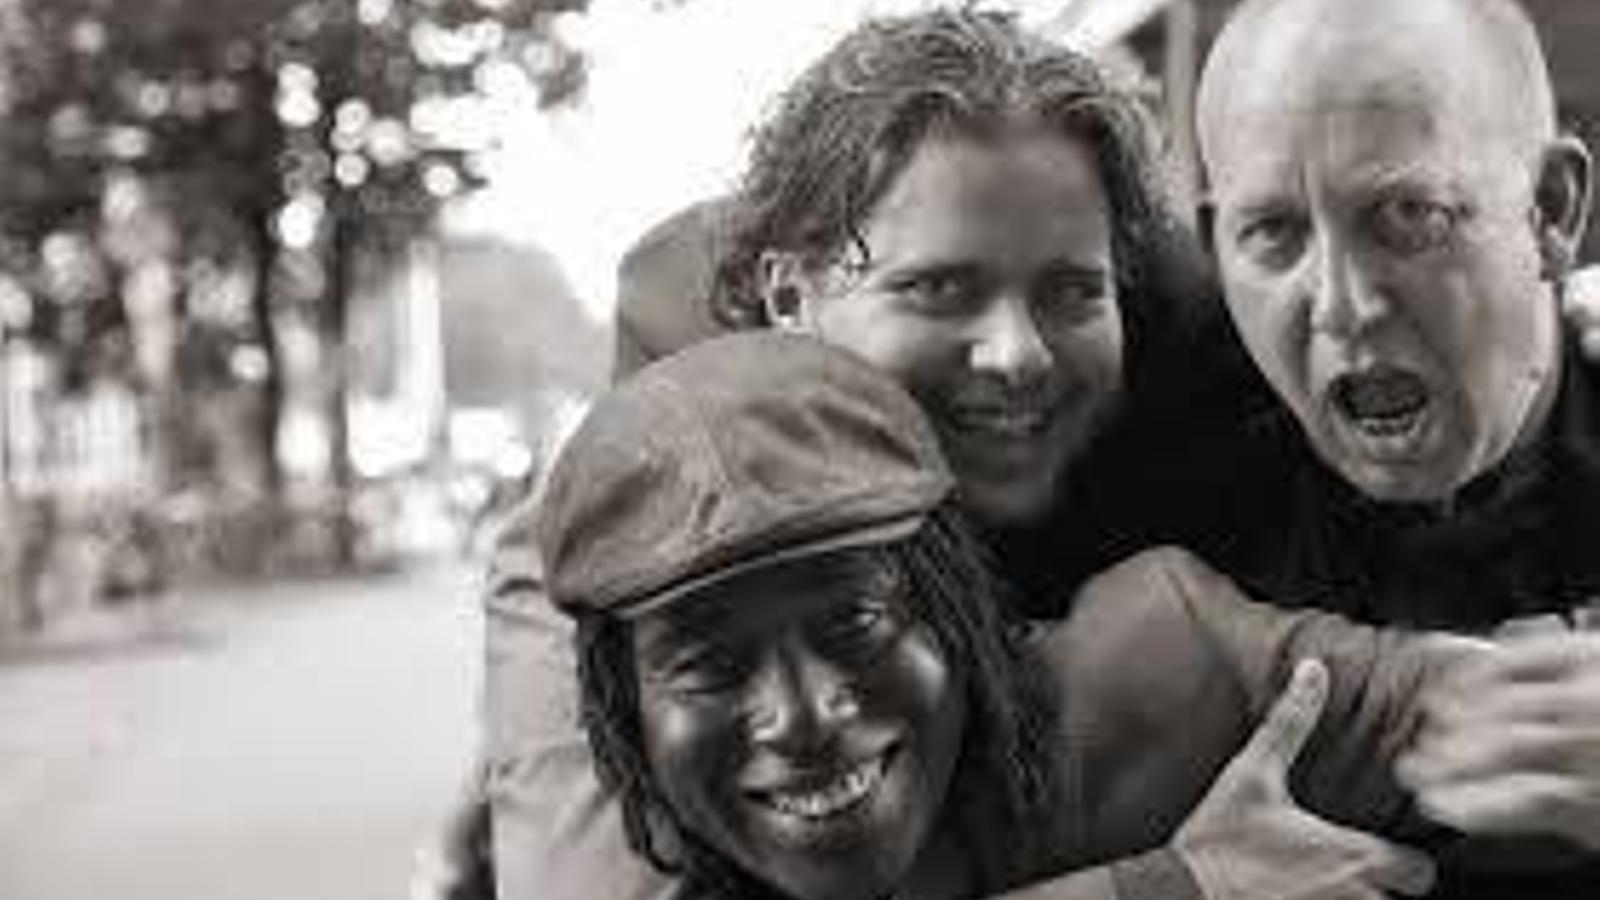 Els tres membres del trio que actuarà avui a l'Alternatilla.